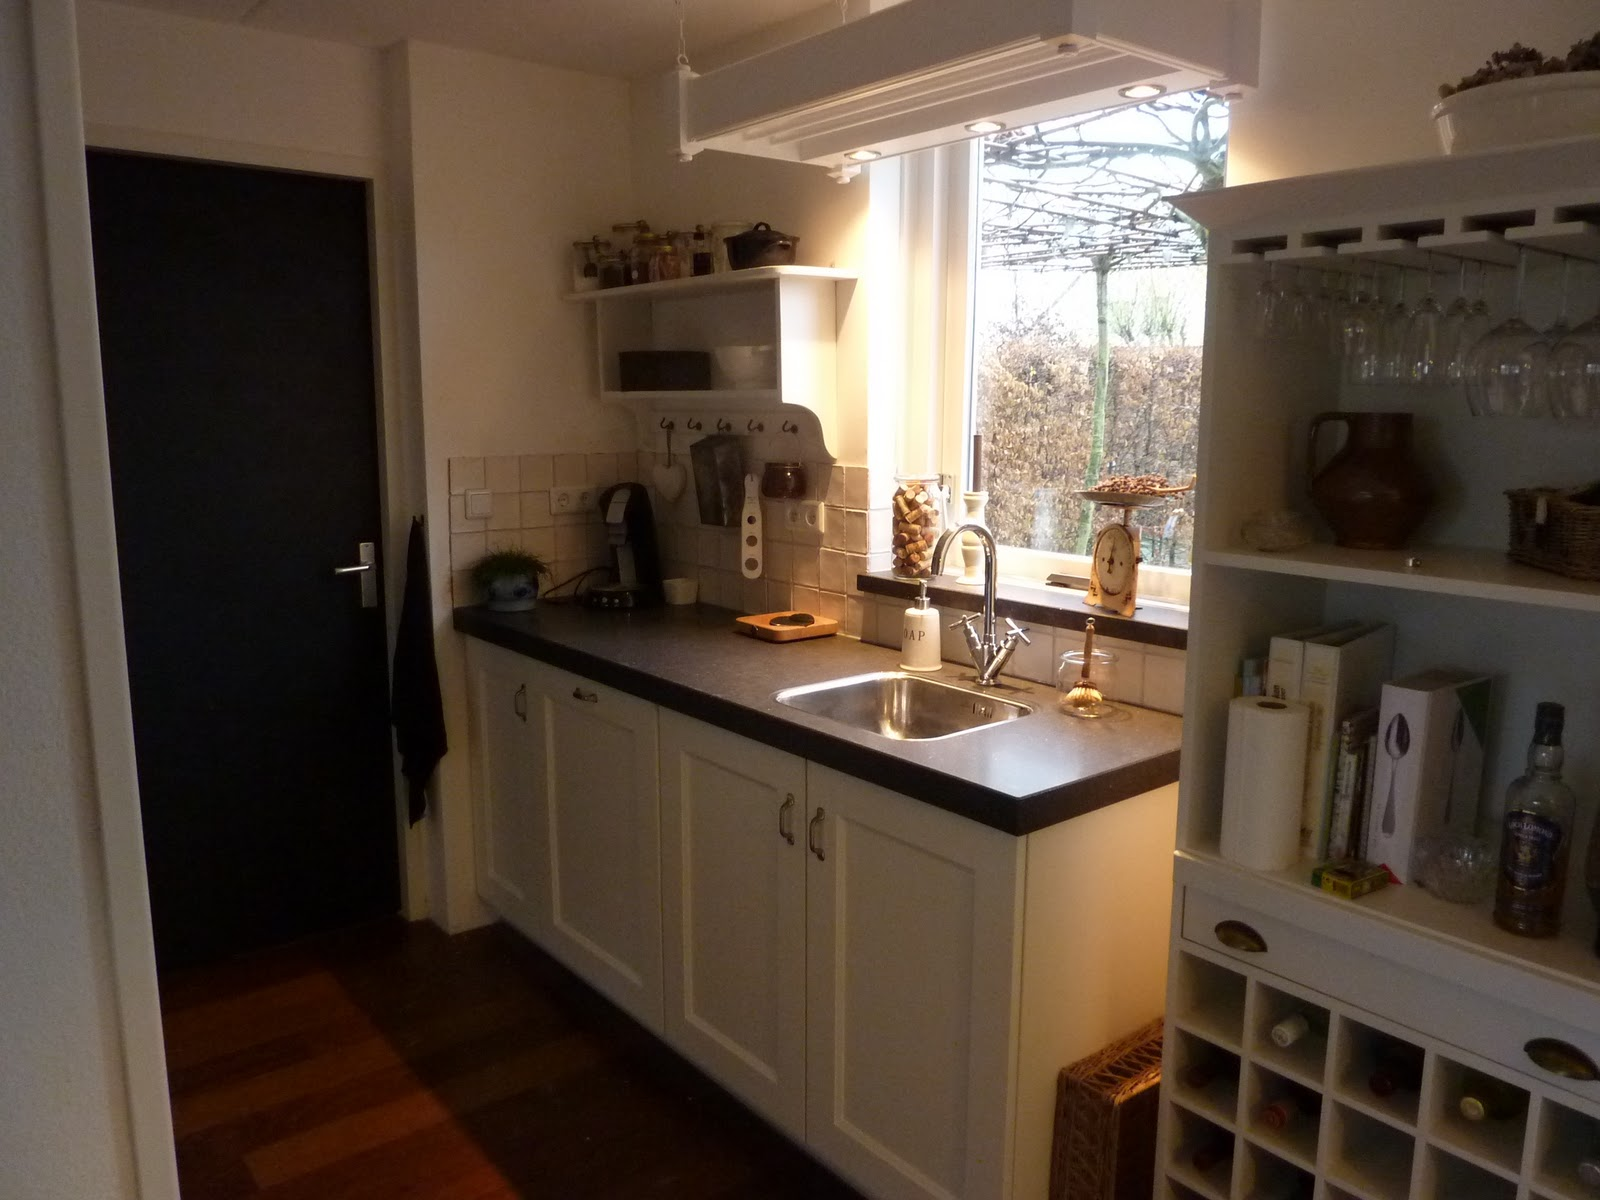 Wonen in zeeland december 2011 - Nieuwe keuken ...